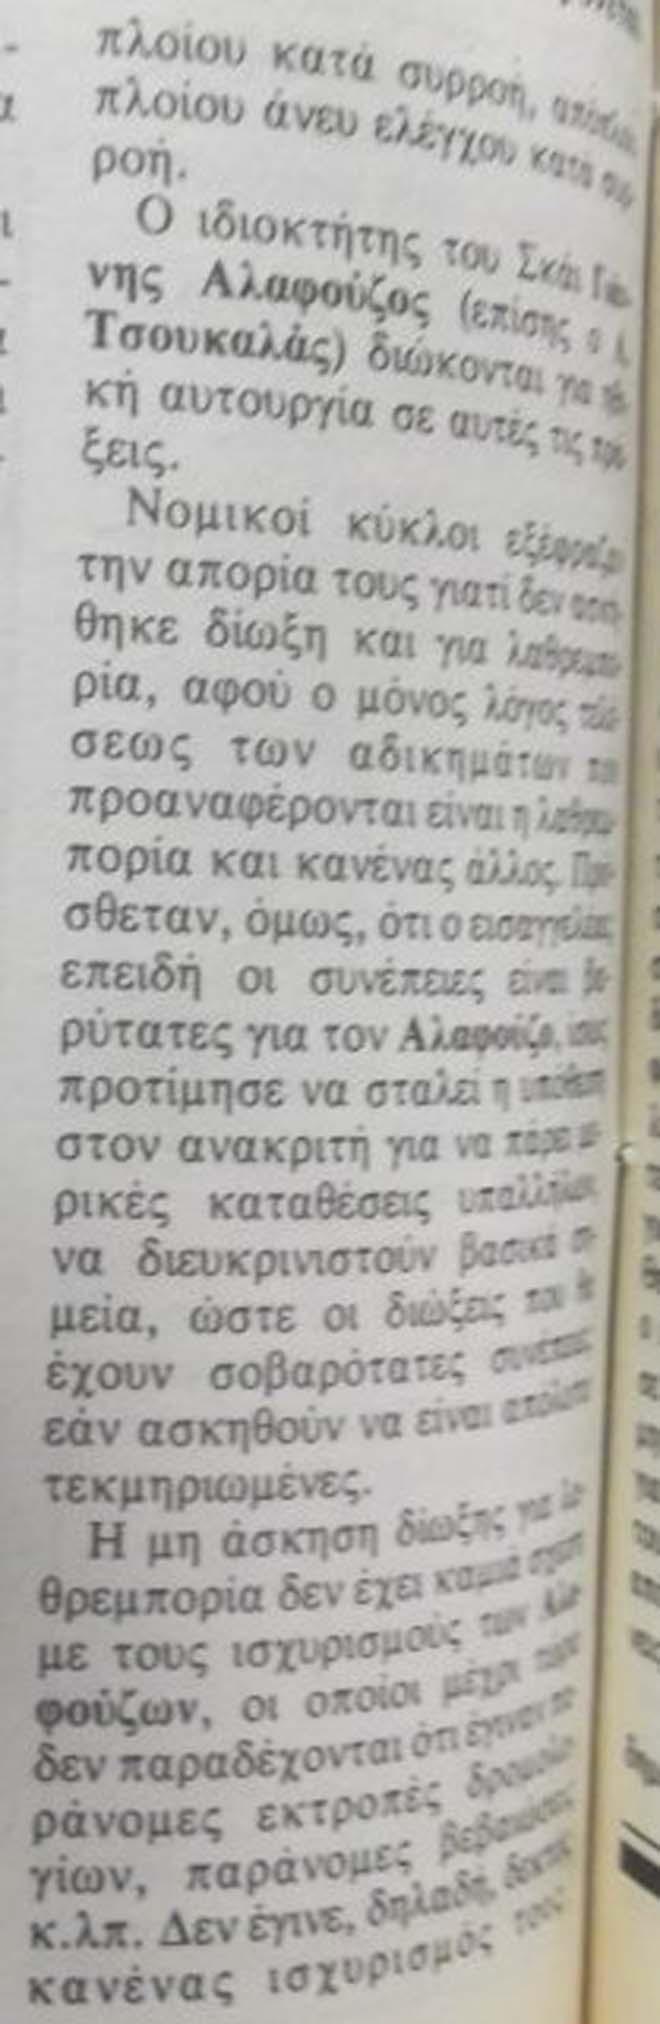 Βρὲ Ζωή... Τί ἀκριβῶς ἔχεις μέ τόν ΣΚΑΙ;61